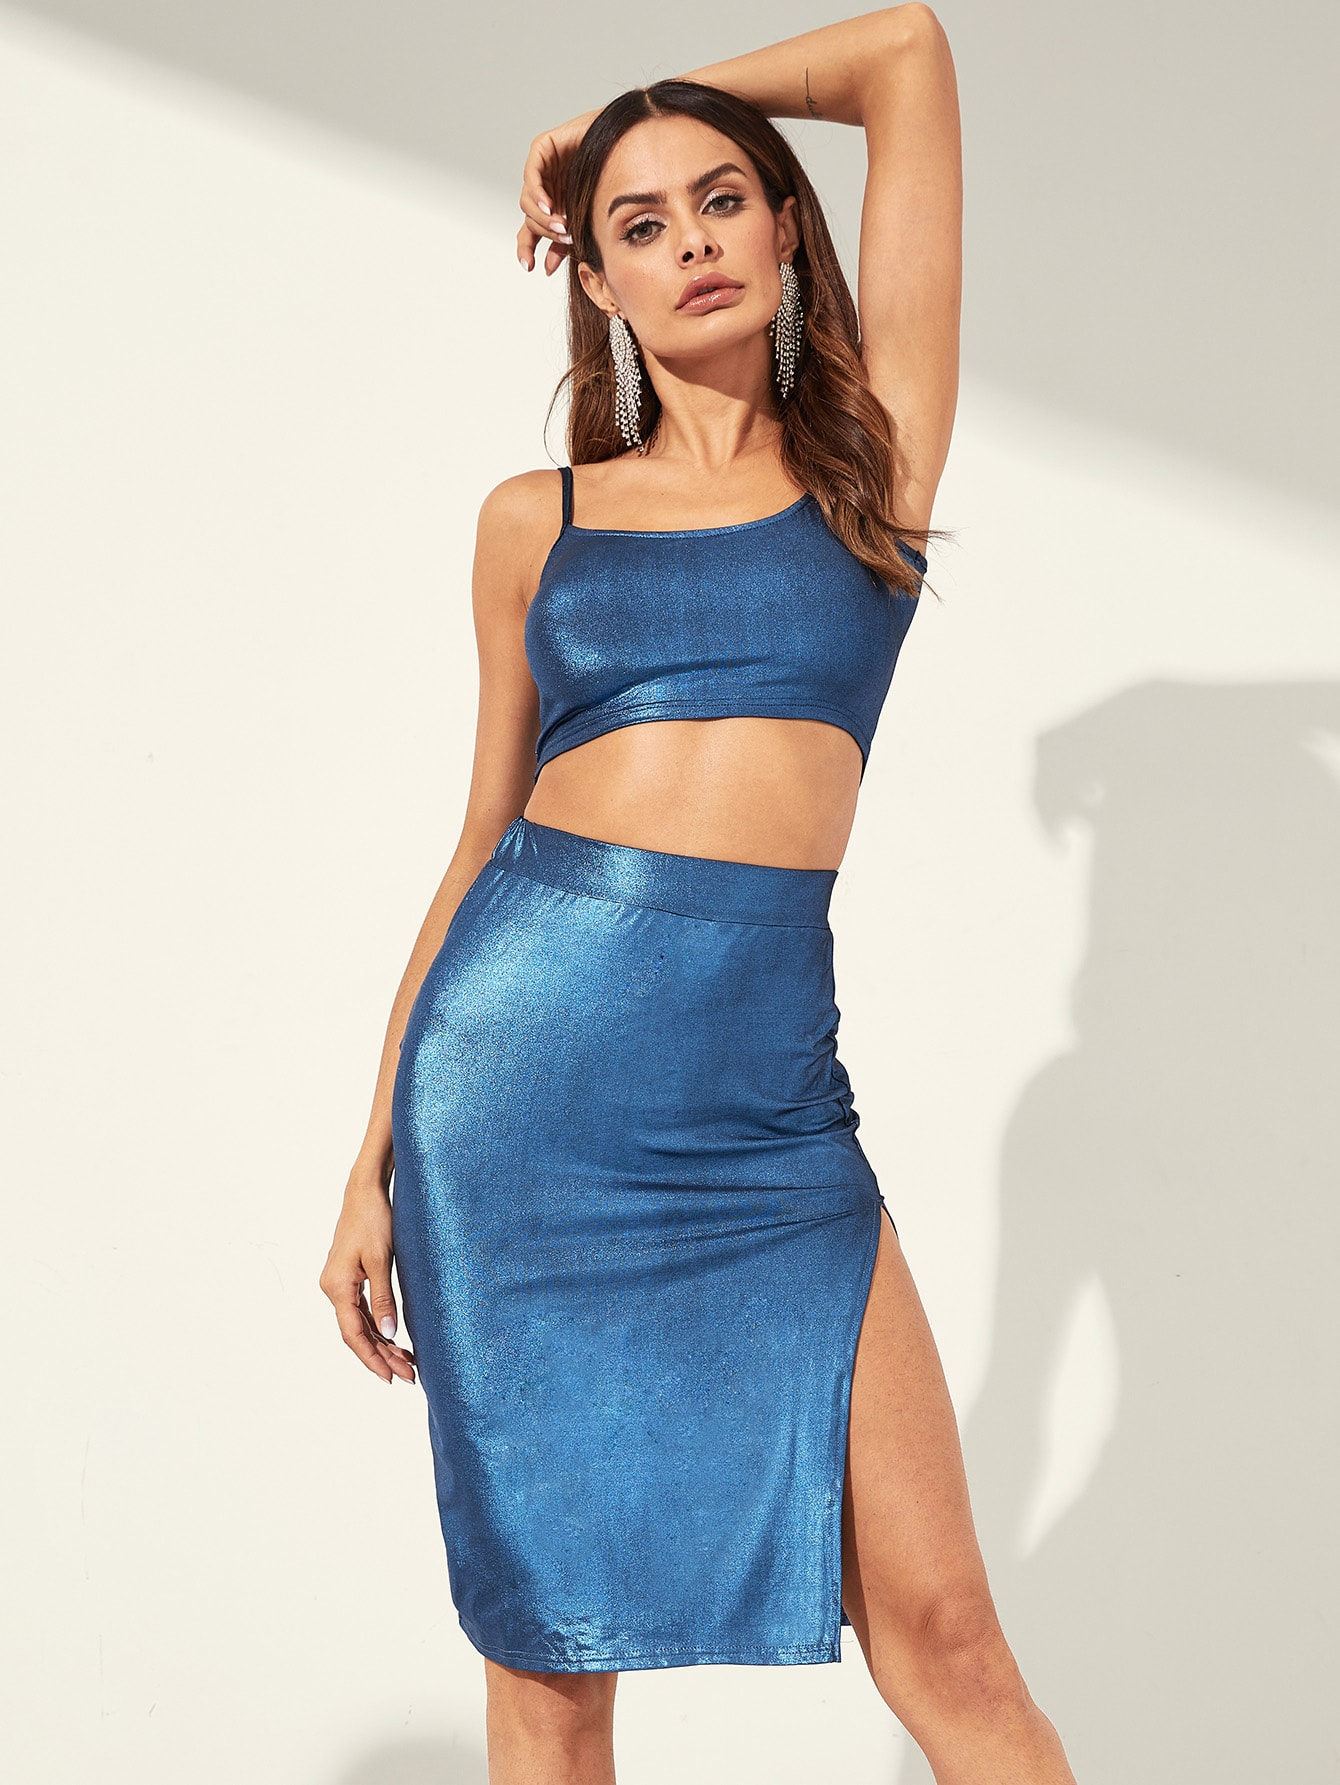 Фото - Короткий металлический топ и юбка с вырезом комплект от SheIn синего цвета